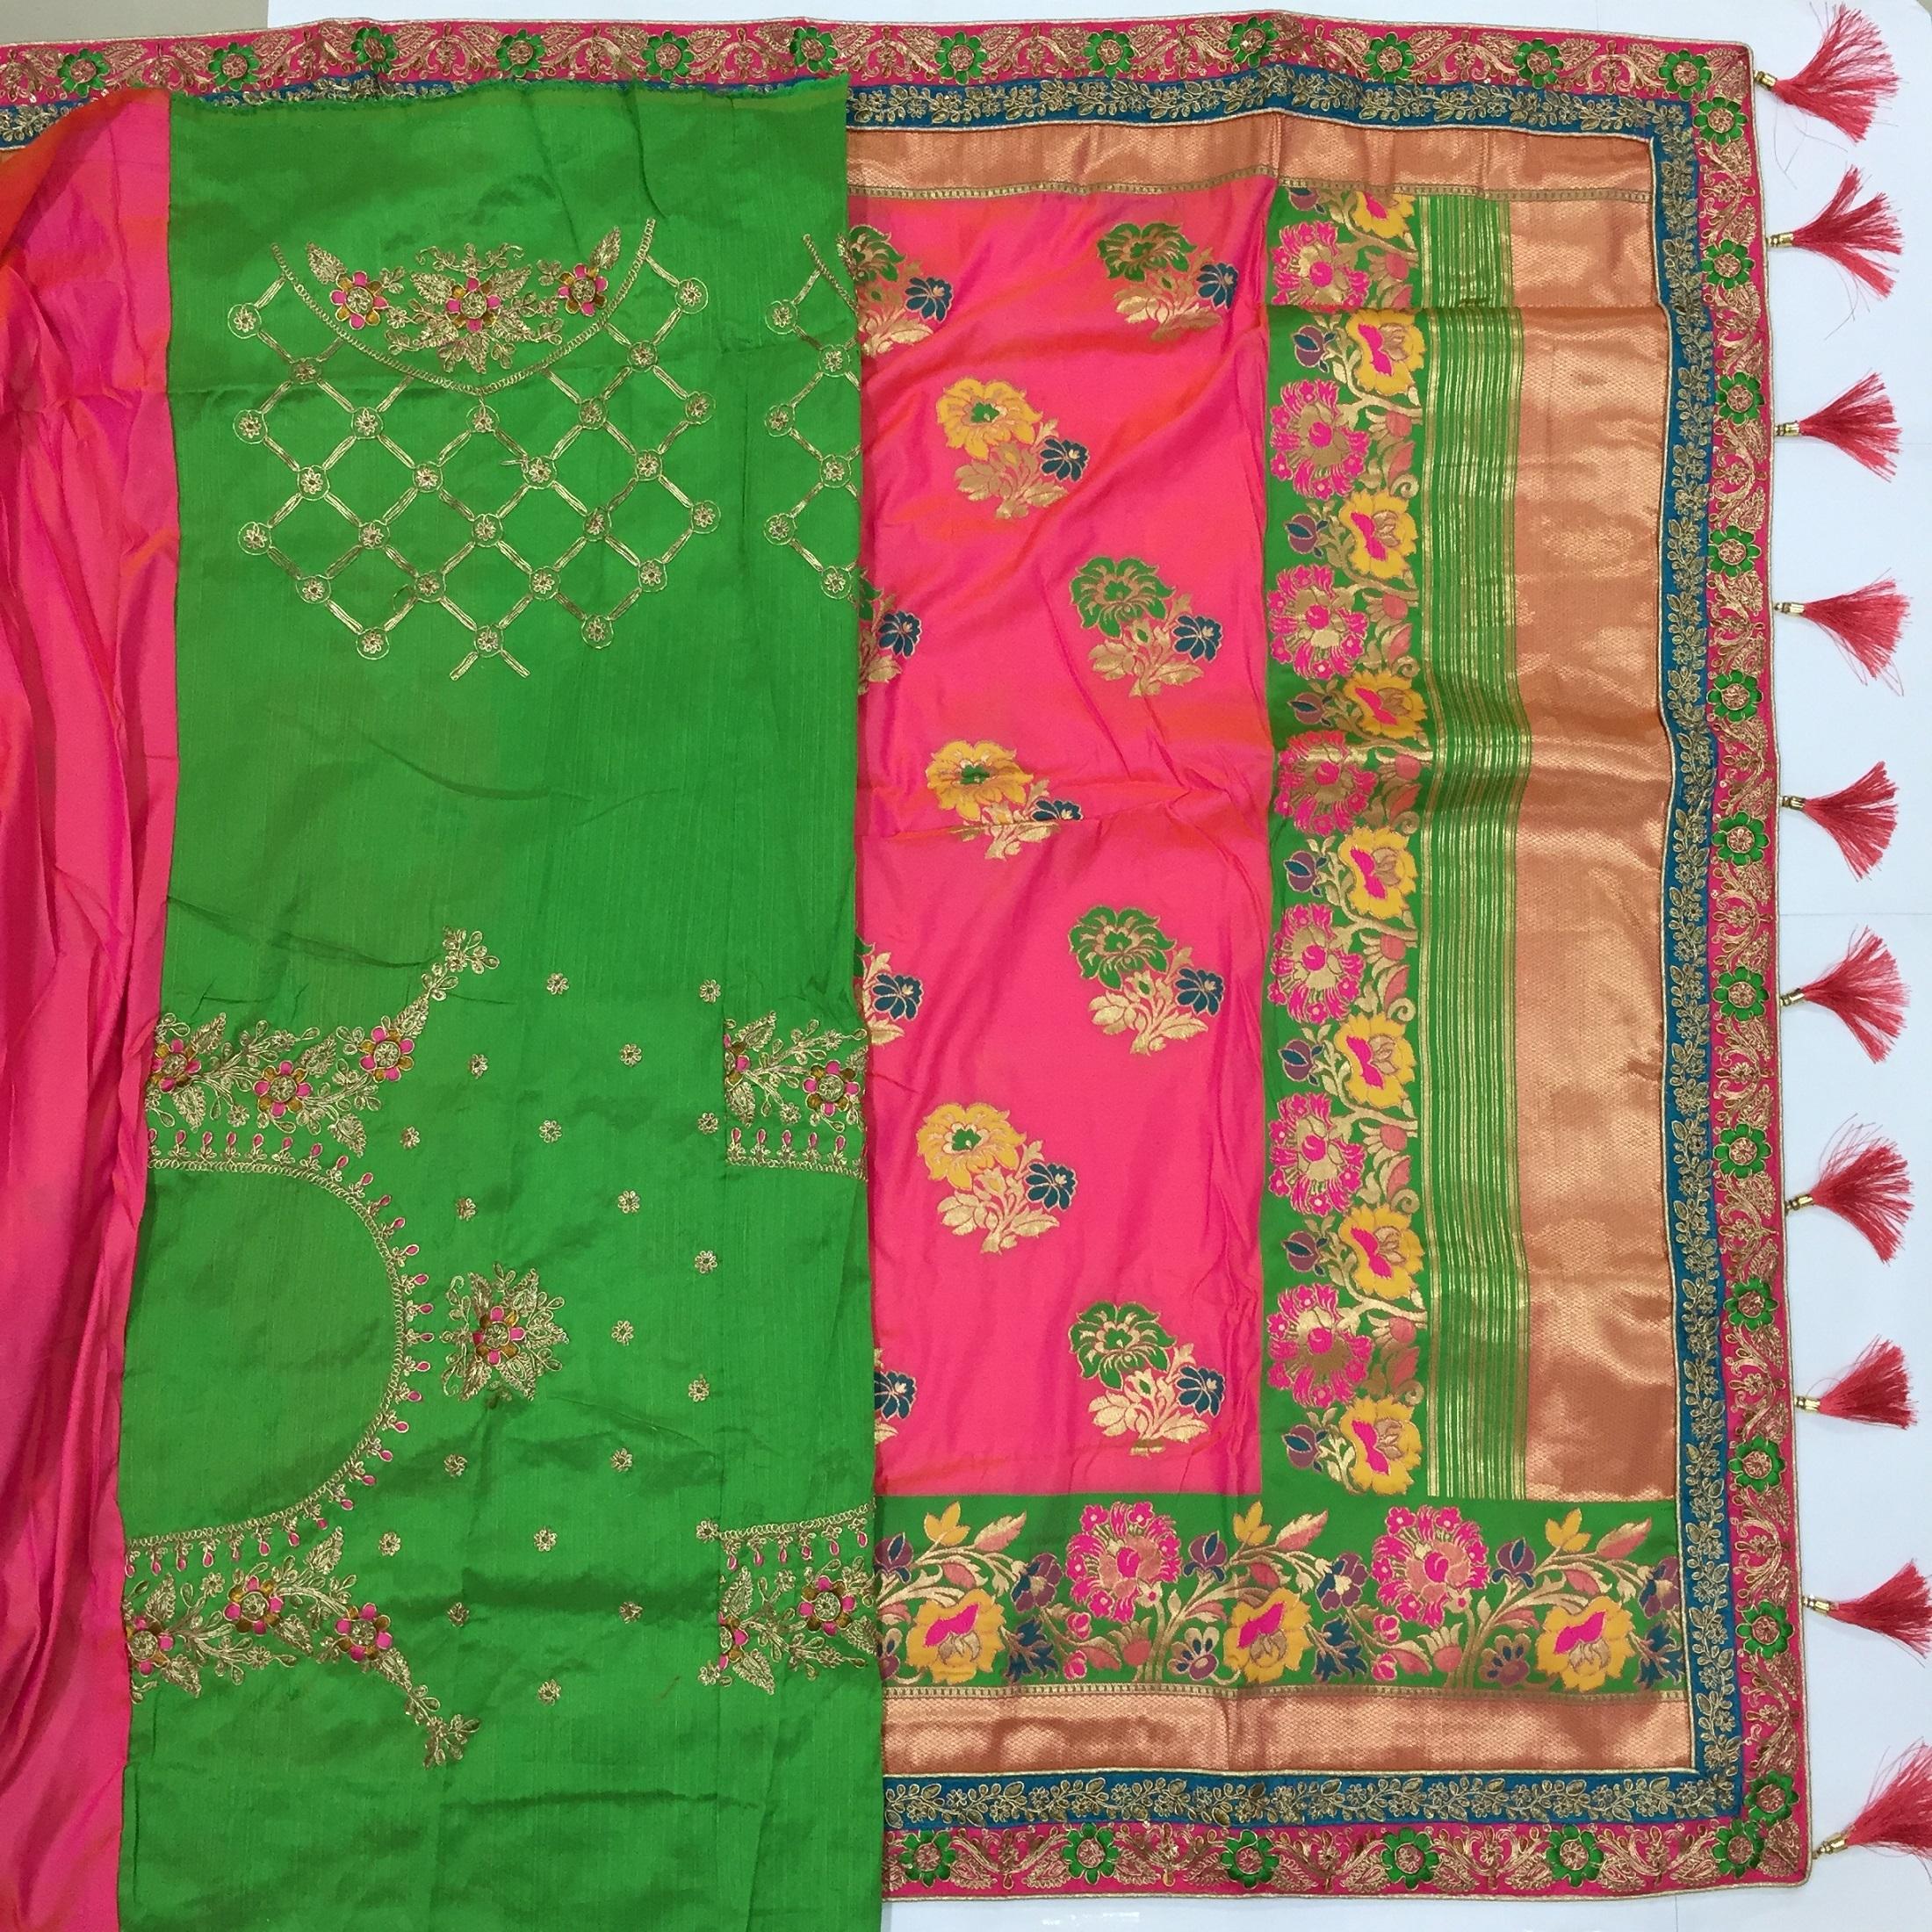 Jacquard Banarasi Silk Embroidery Border Saree